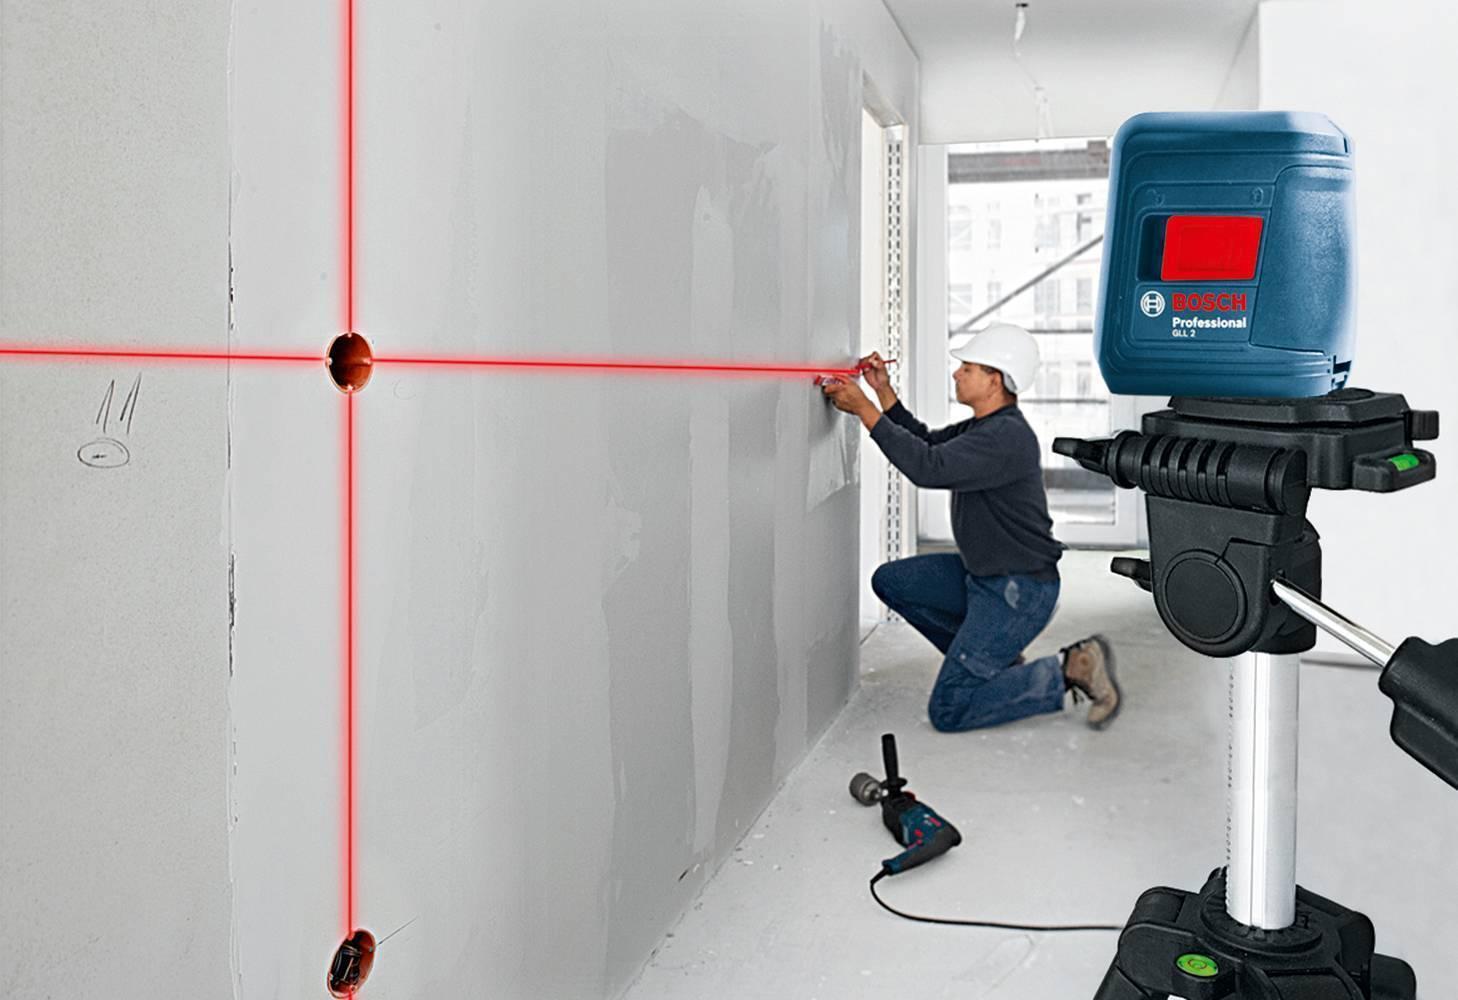 Лазерный уровень для улицы или как работать днём в ясную погоду